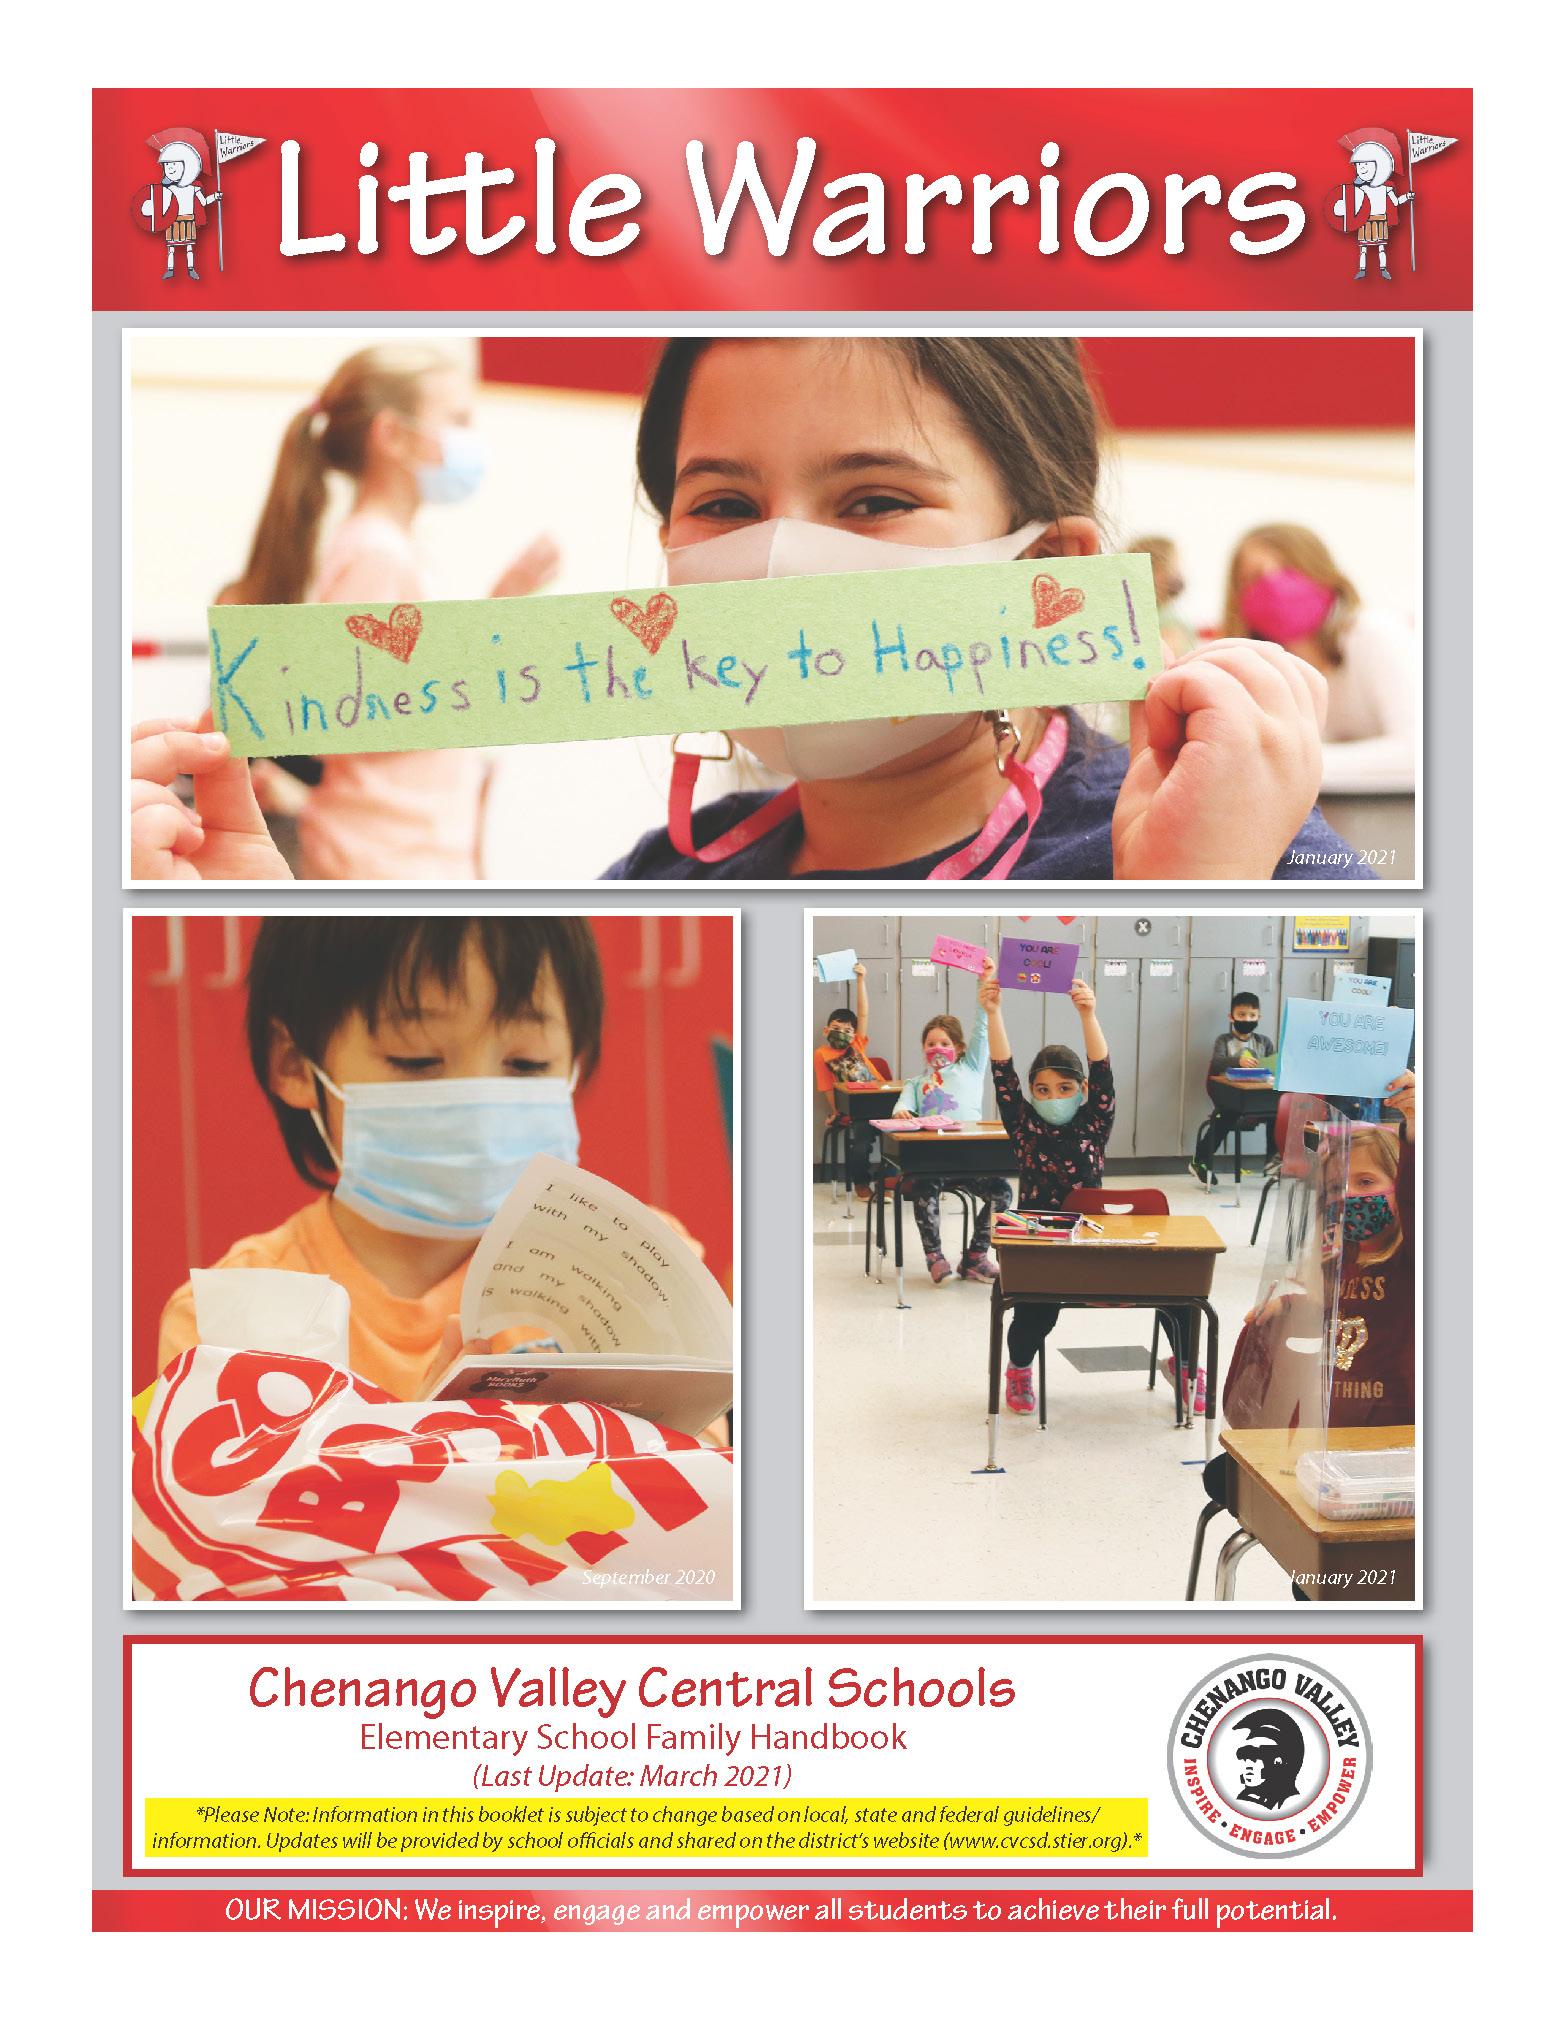 Little Warriors Handbook Cover